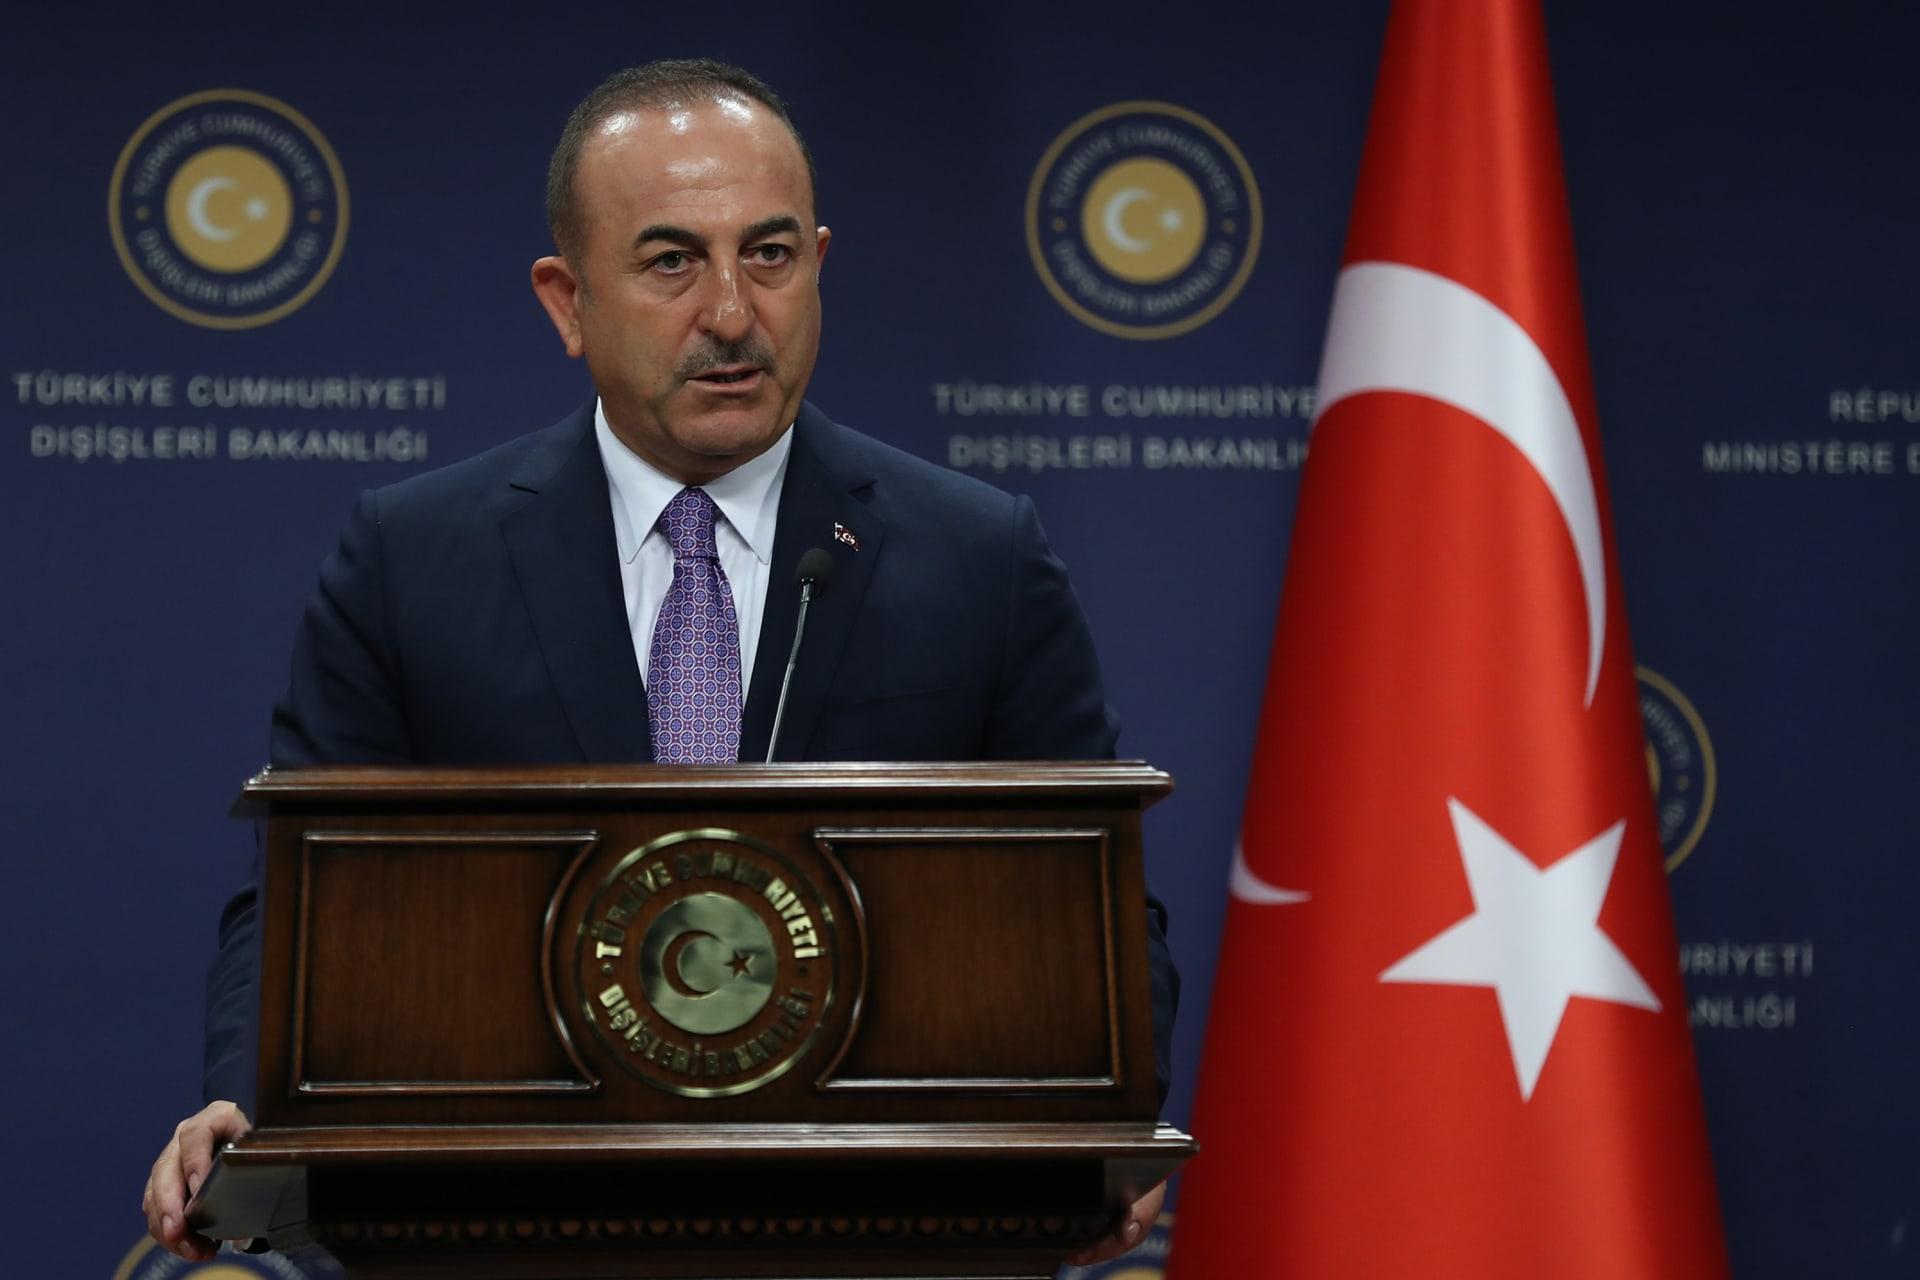 """تركيا: """"تقبل"""" ولي العهد السعودي مسؤولية مقتل خاشقجي مهم لكنه ليس كافيا"""